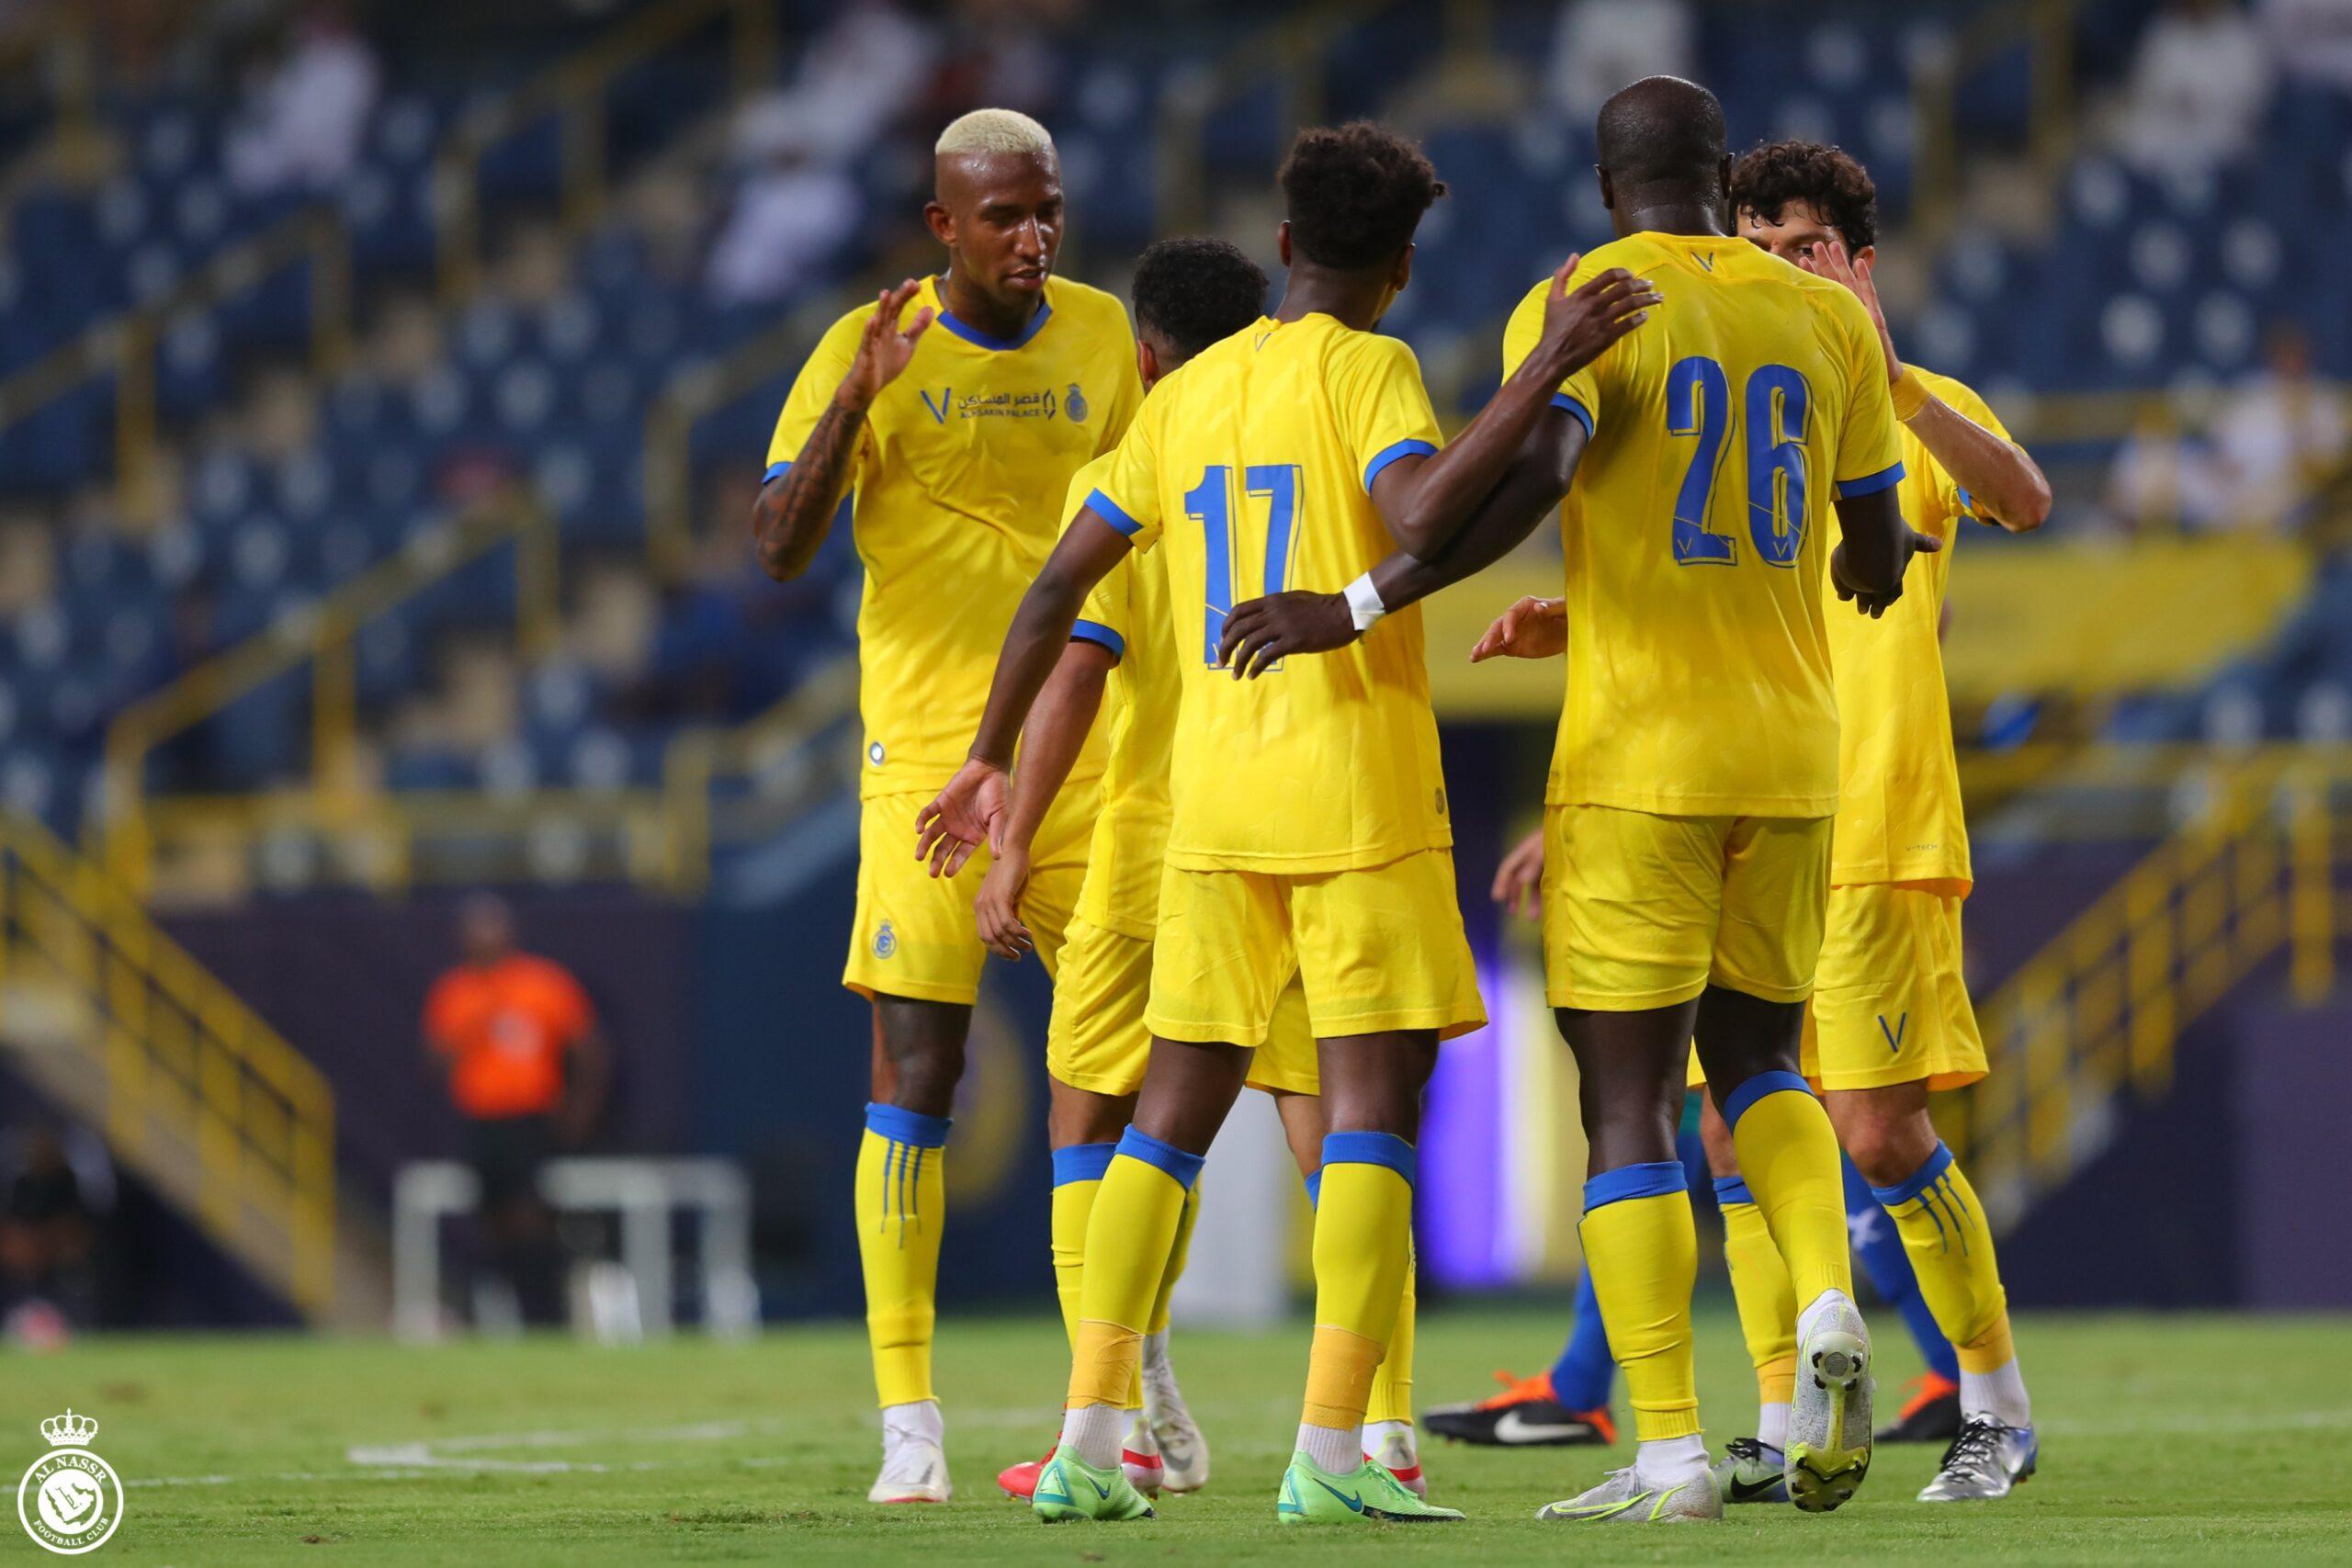 اهداف مباراة النصر والشعلة 5-0 مباراة ودية